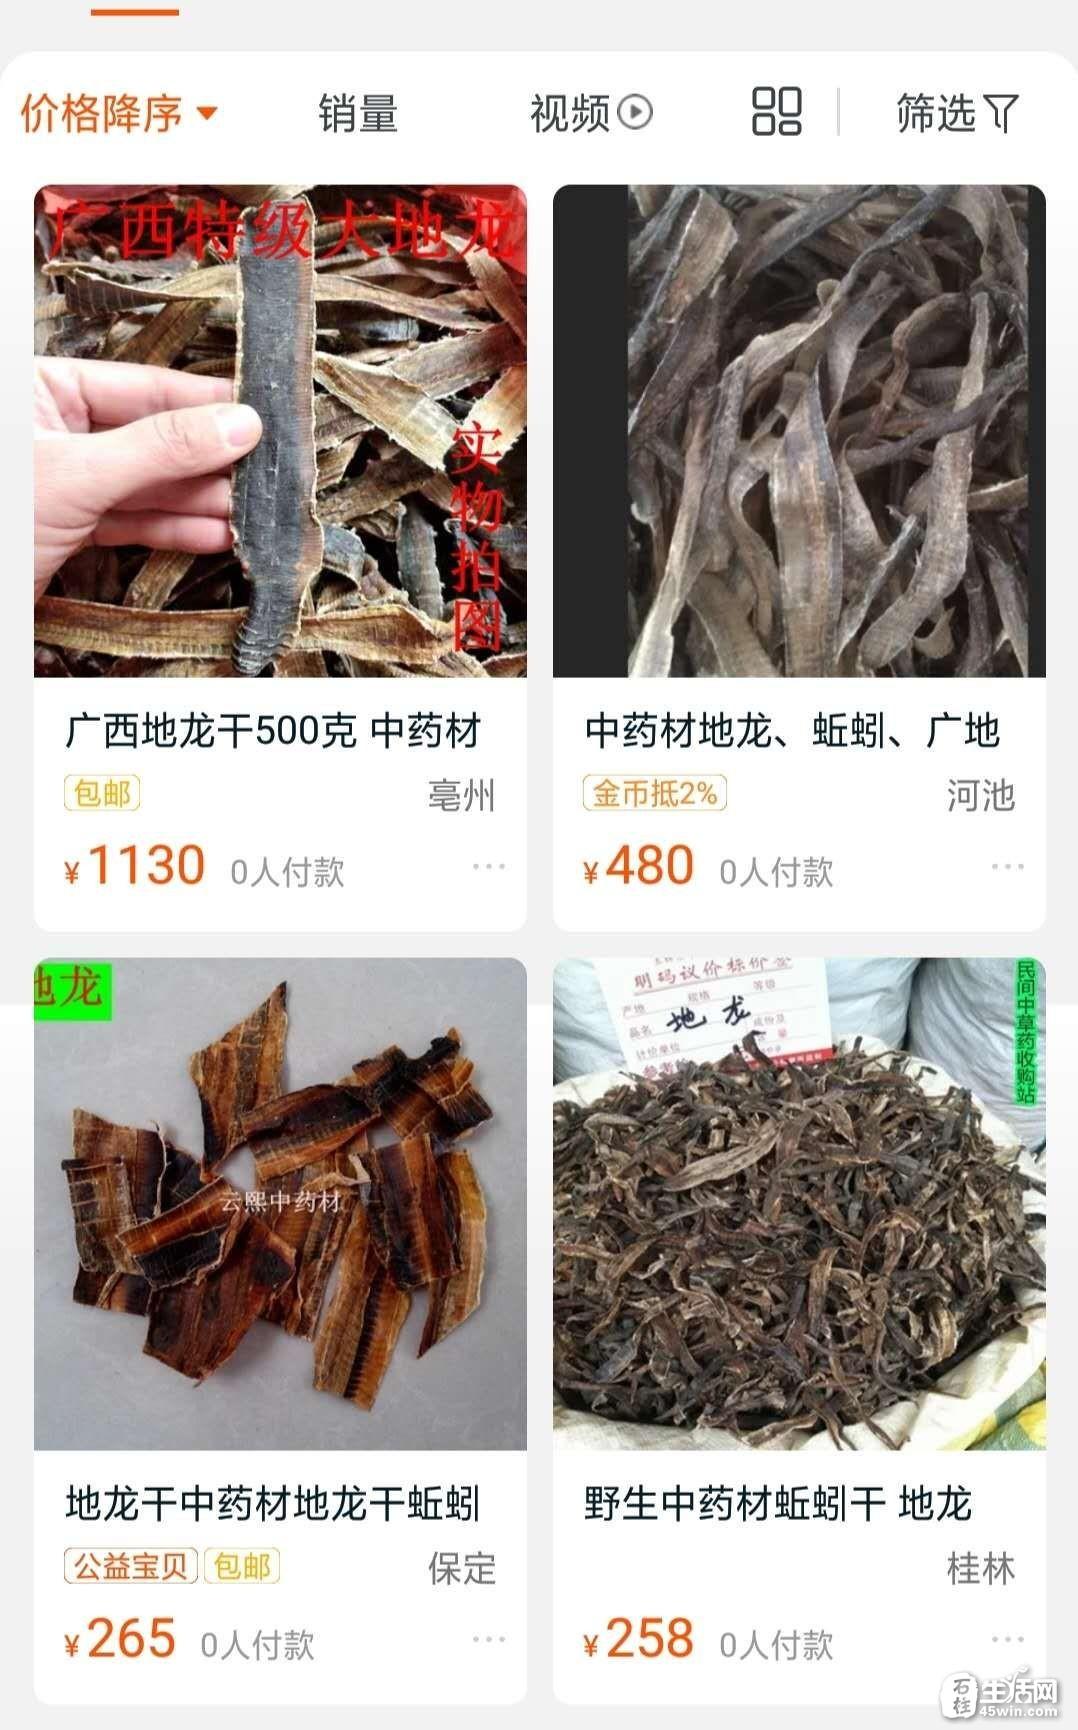 石柱农村最常见的虫子,如今却卖到1130元/斤!有人组队抓吗?